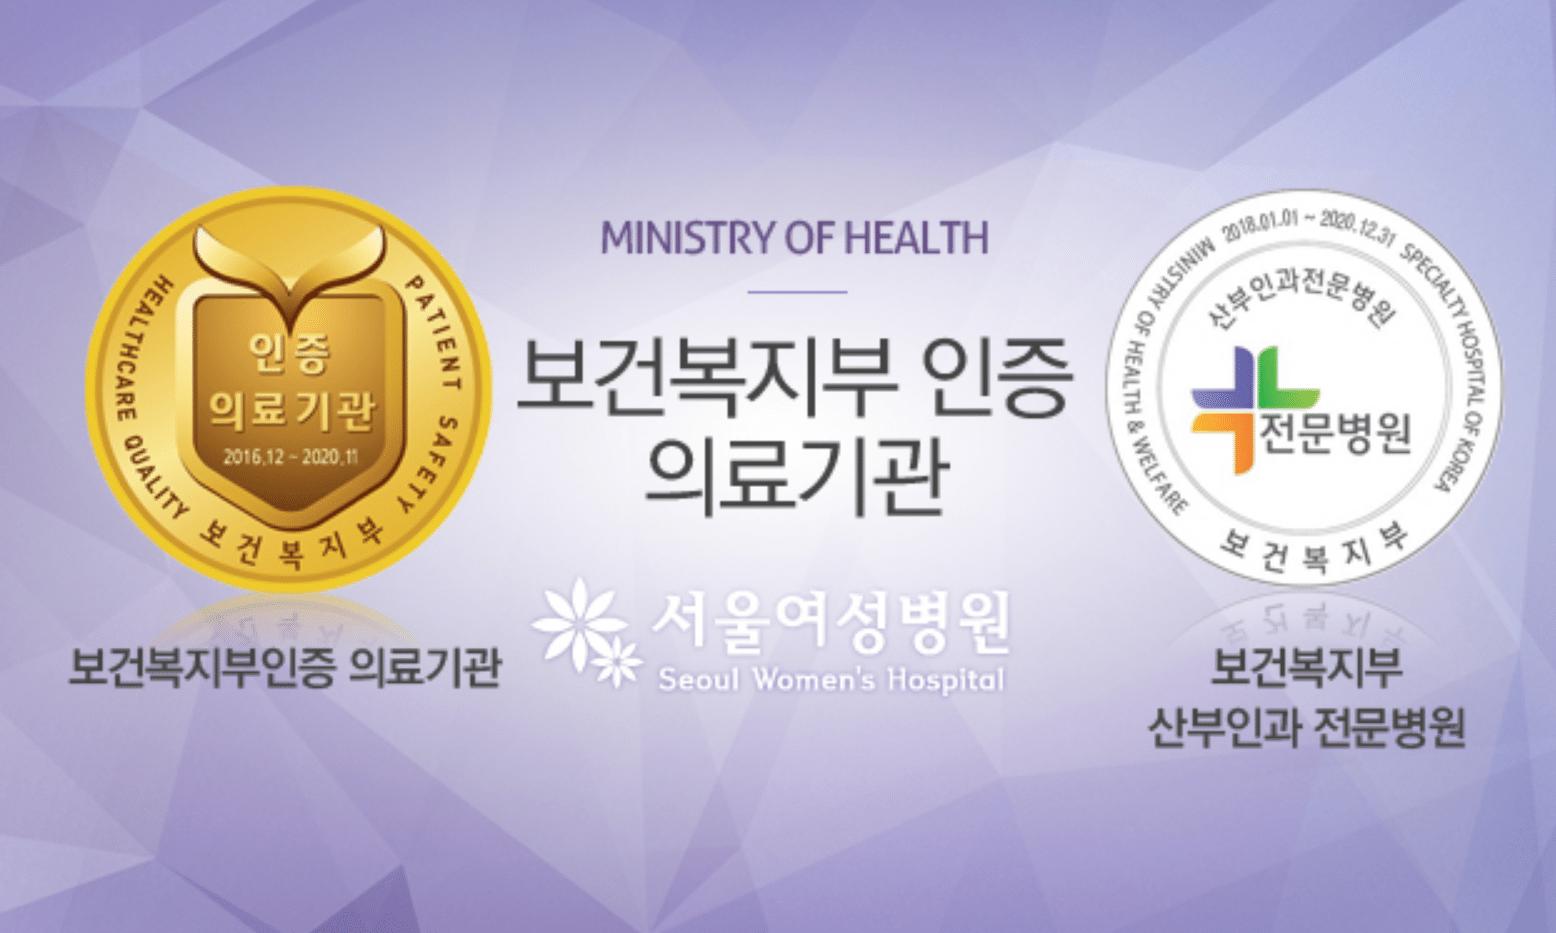 Bucheon Branch of Seoul Women's Hospital   Wonmi-gu, Gyeonggi-do